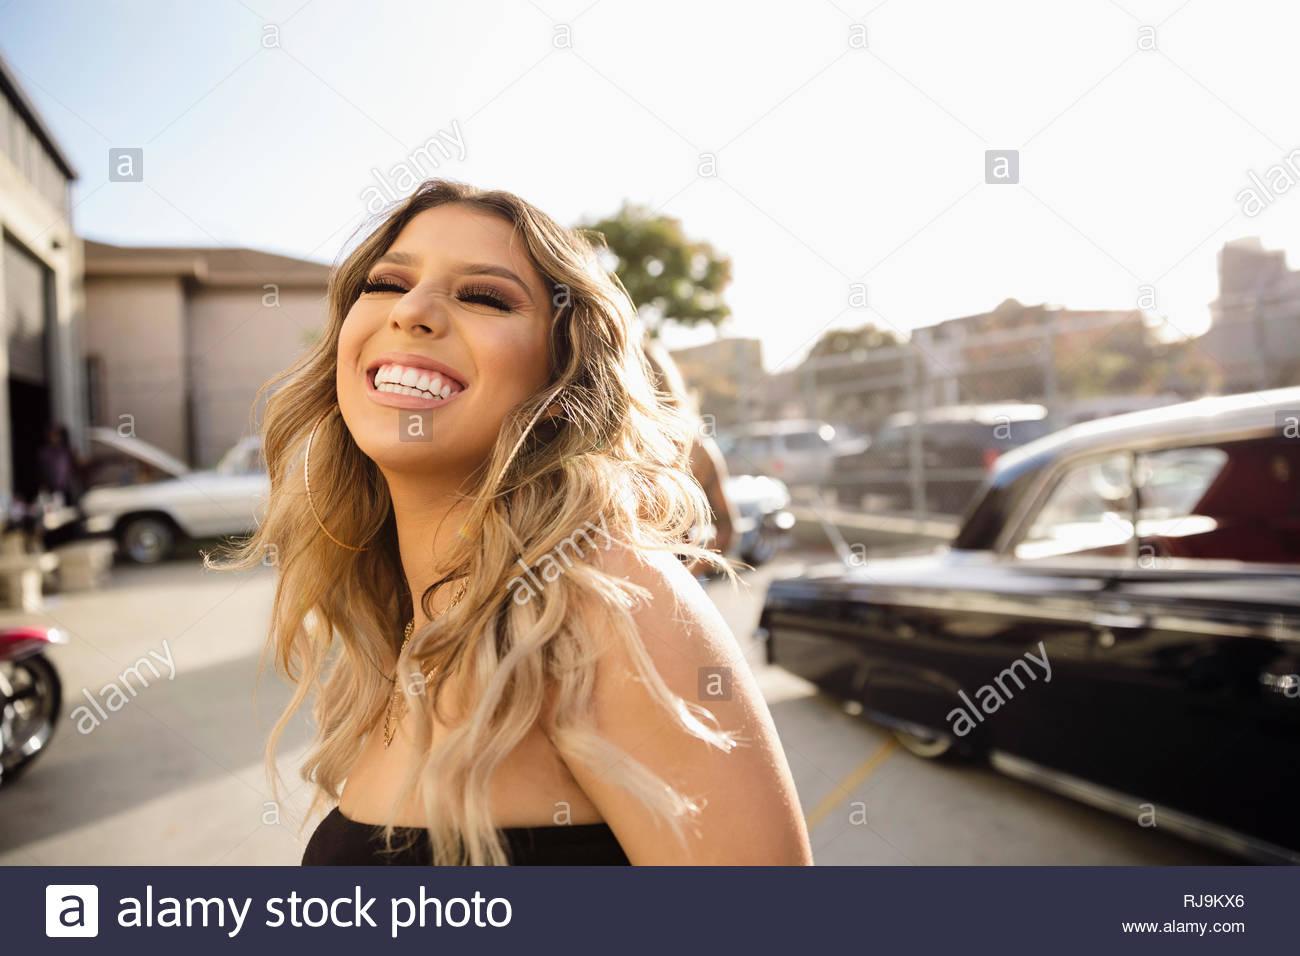 Lachen, Latinx unbeschwerte junge Frau im sonnigen Parkplatz Stockbild